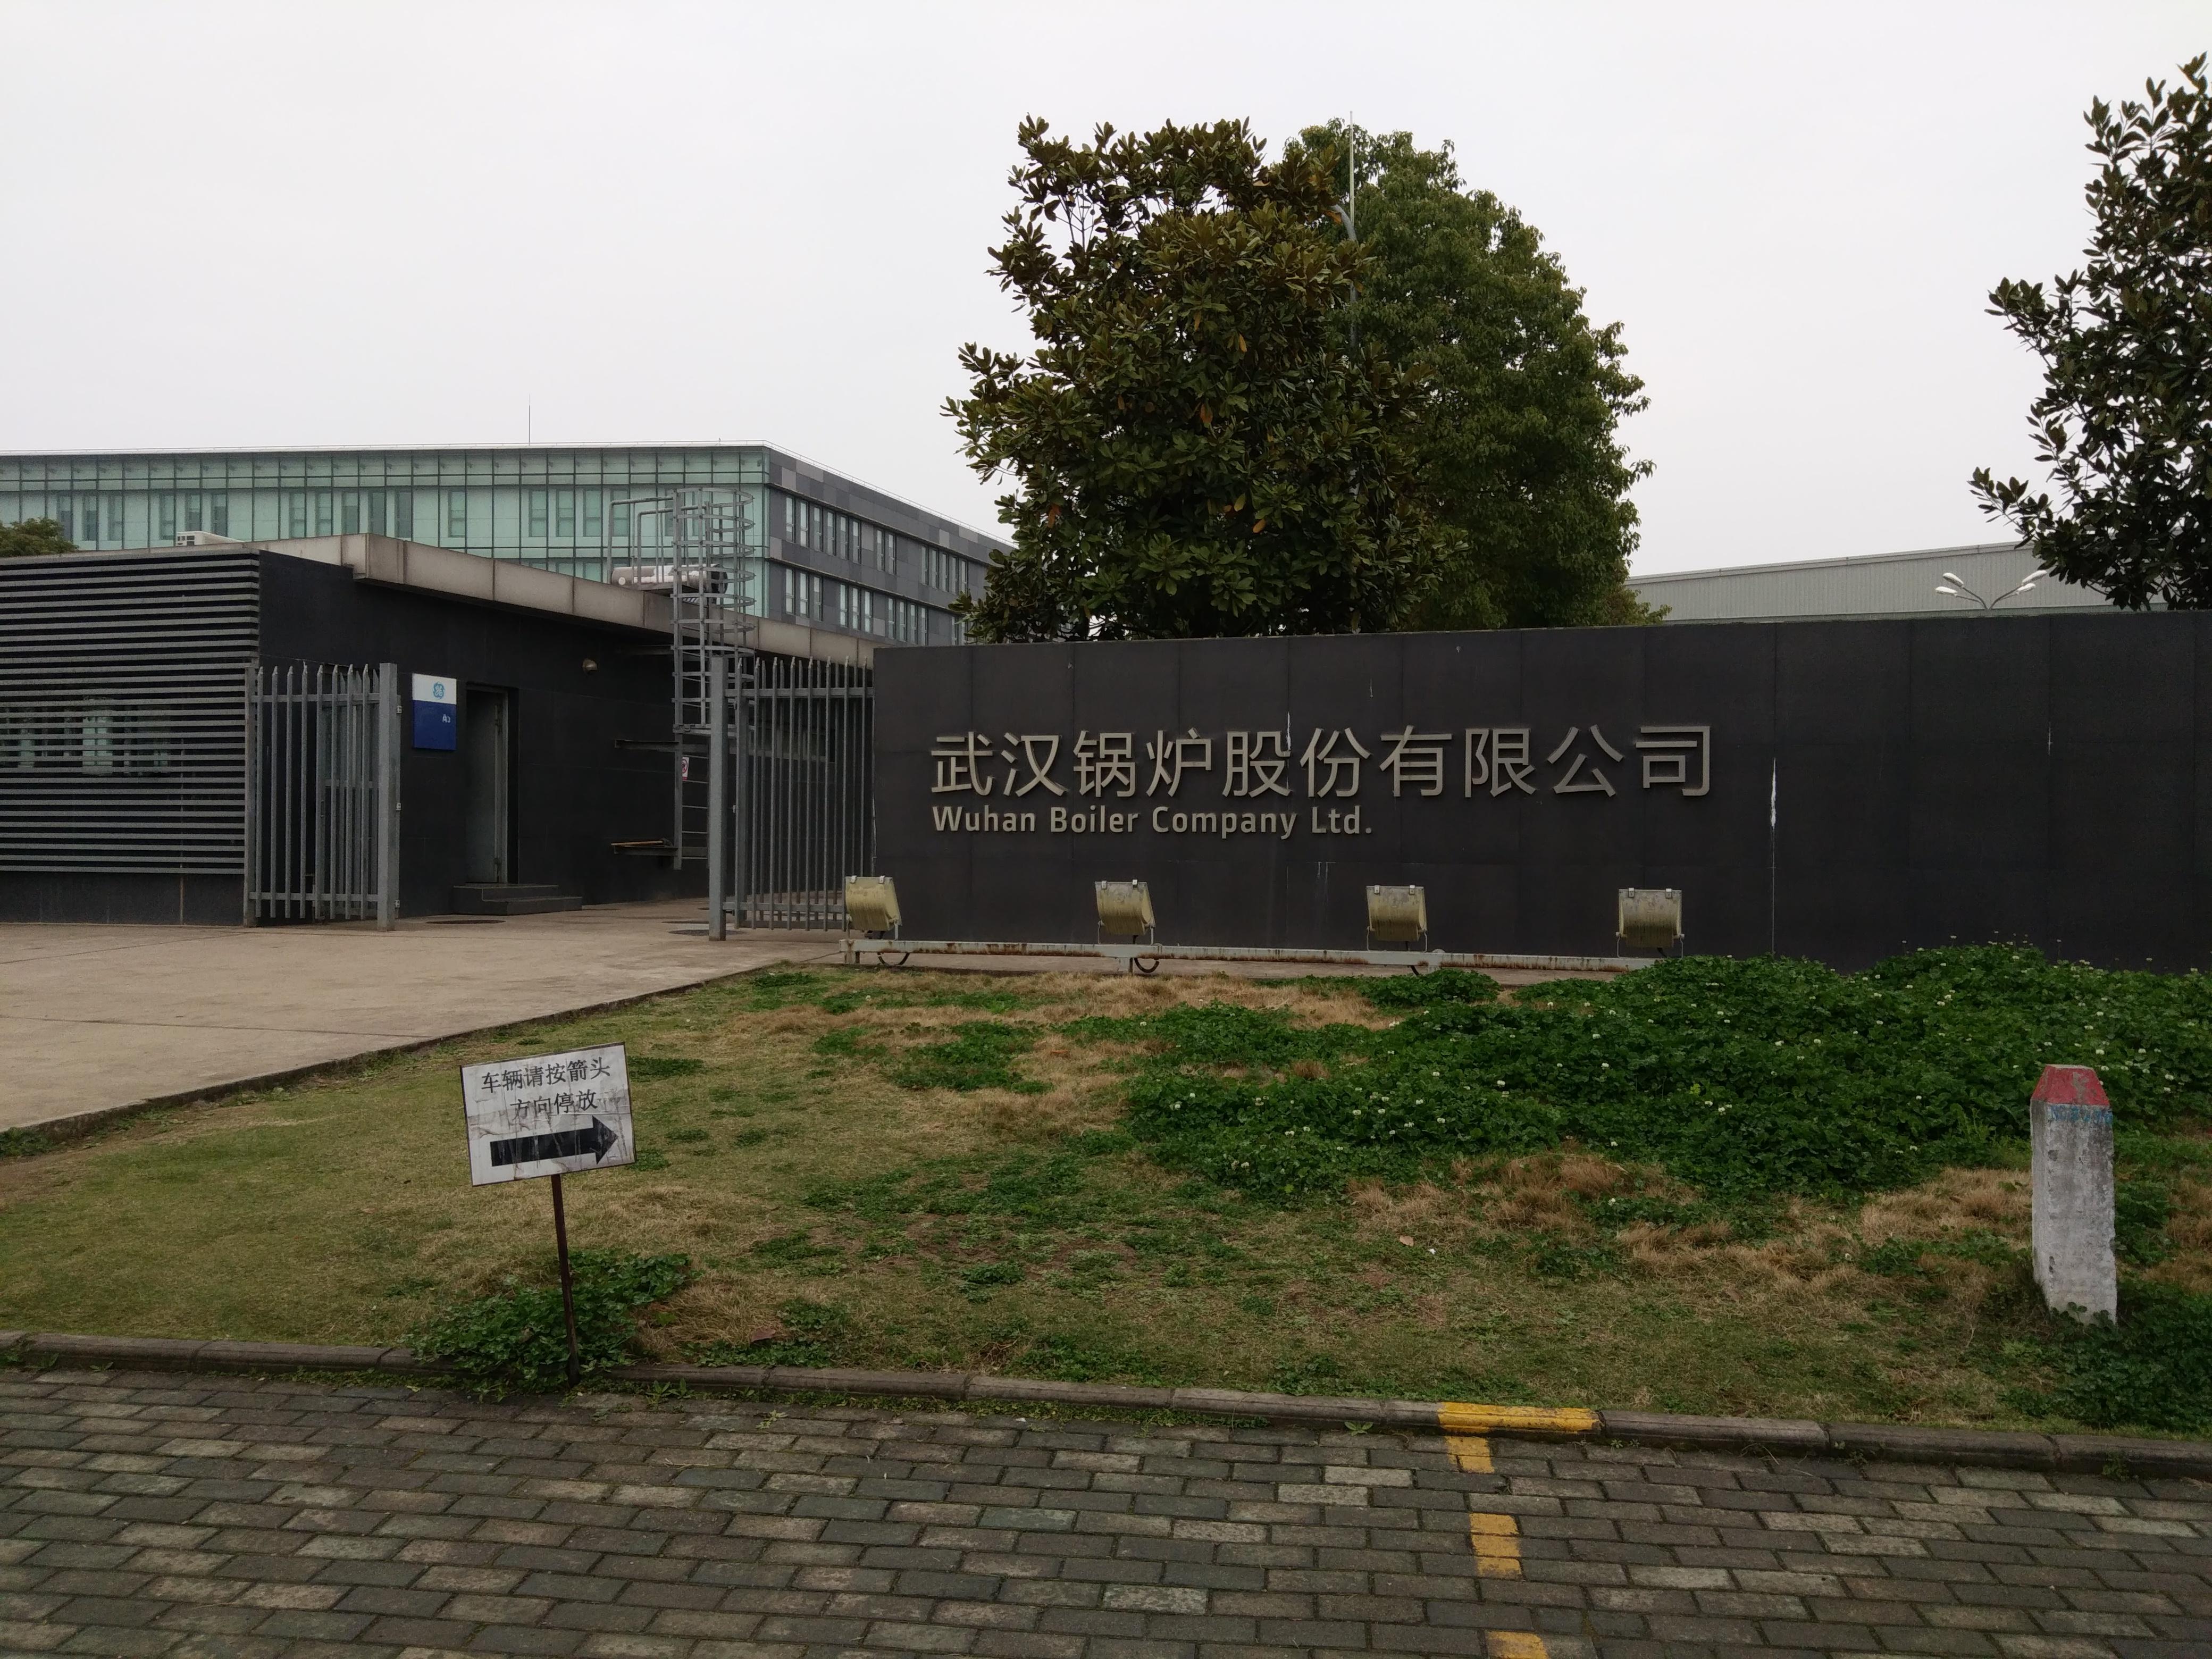 武汉倍特威视系统有限公司智能安防产品应用于武汉锅炉股份有限公司安全生产工作平台